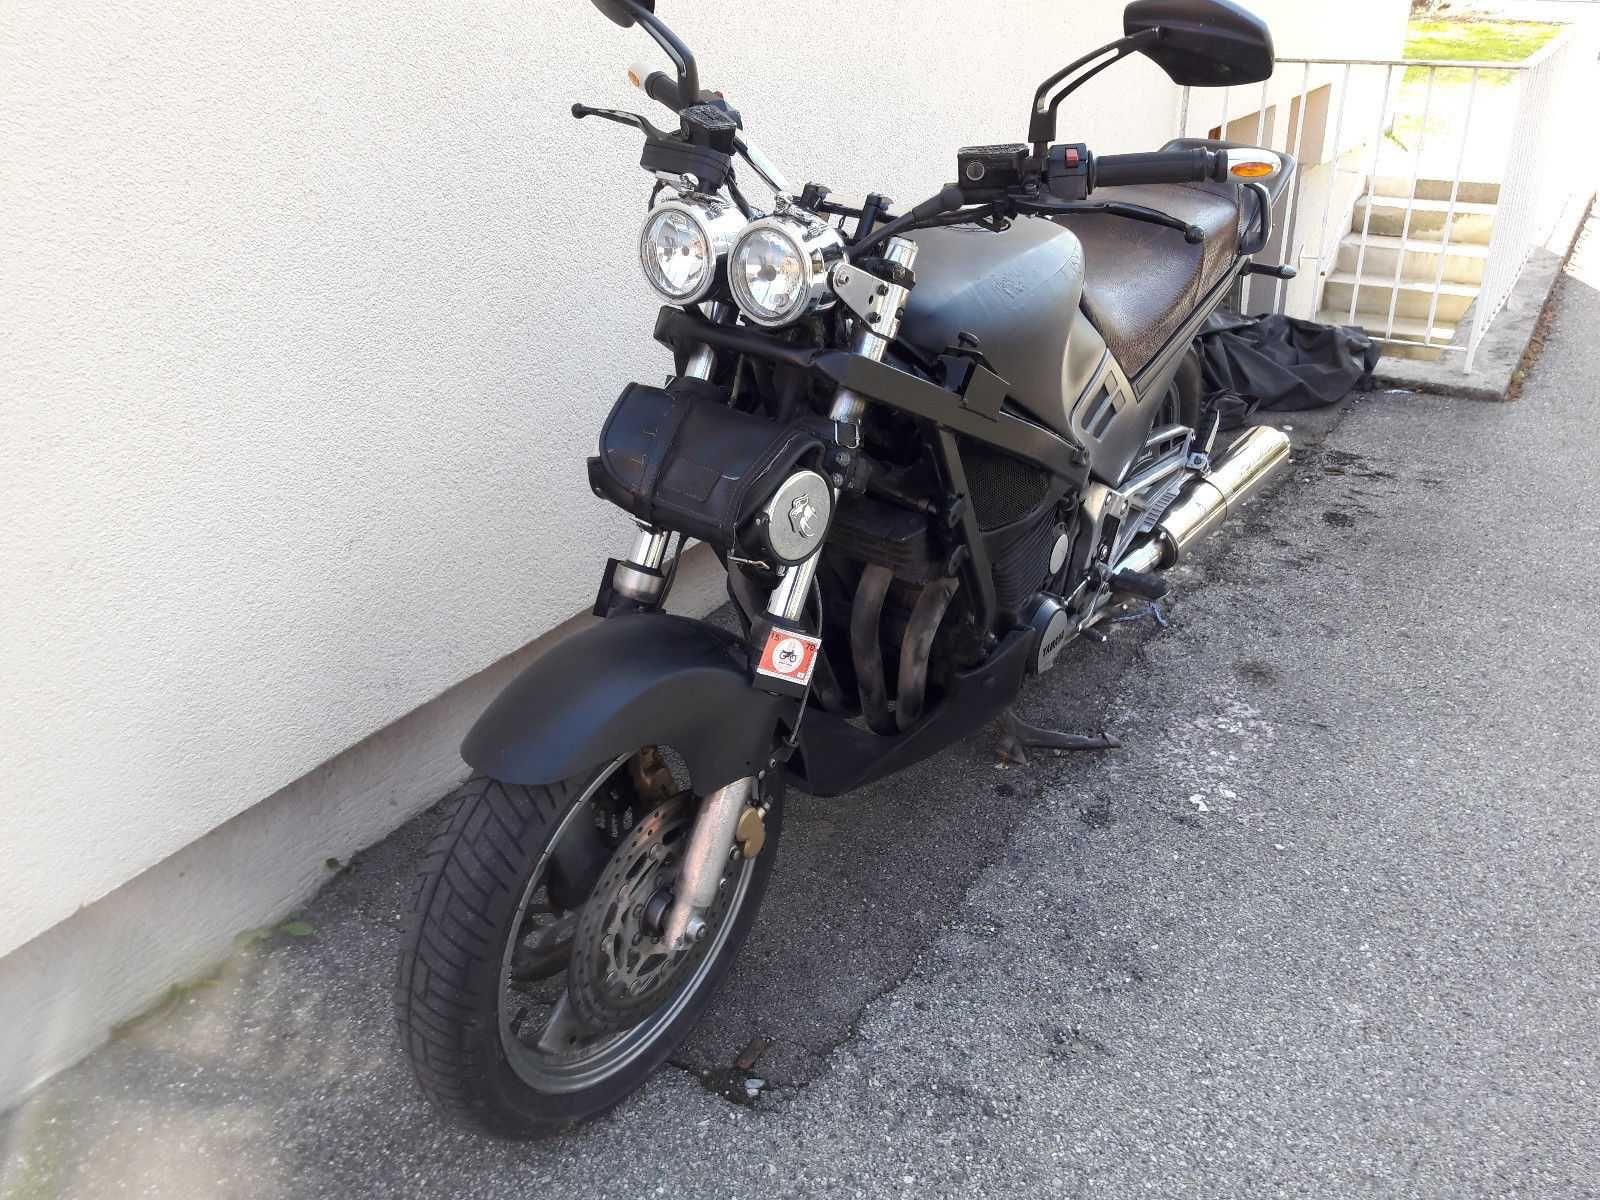 Ebay mobiles gnstiger yamaha fj 1200 tv 518 naked bike yamaha fj 1200 tv 518 naked bike fandeluxe Choice Image